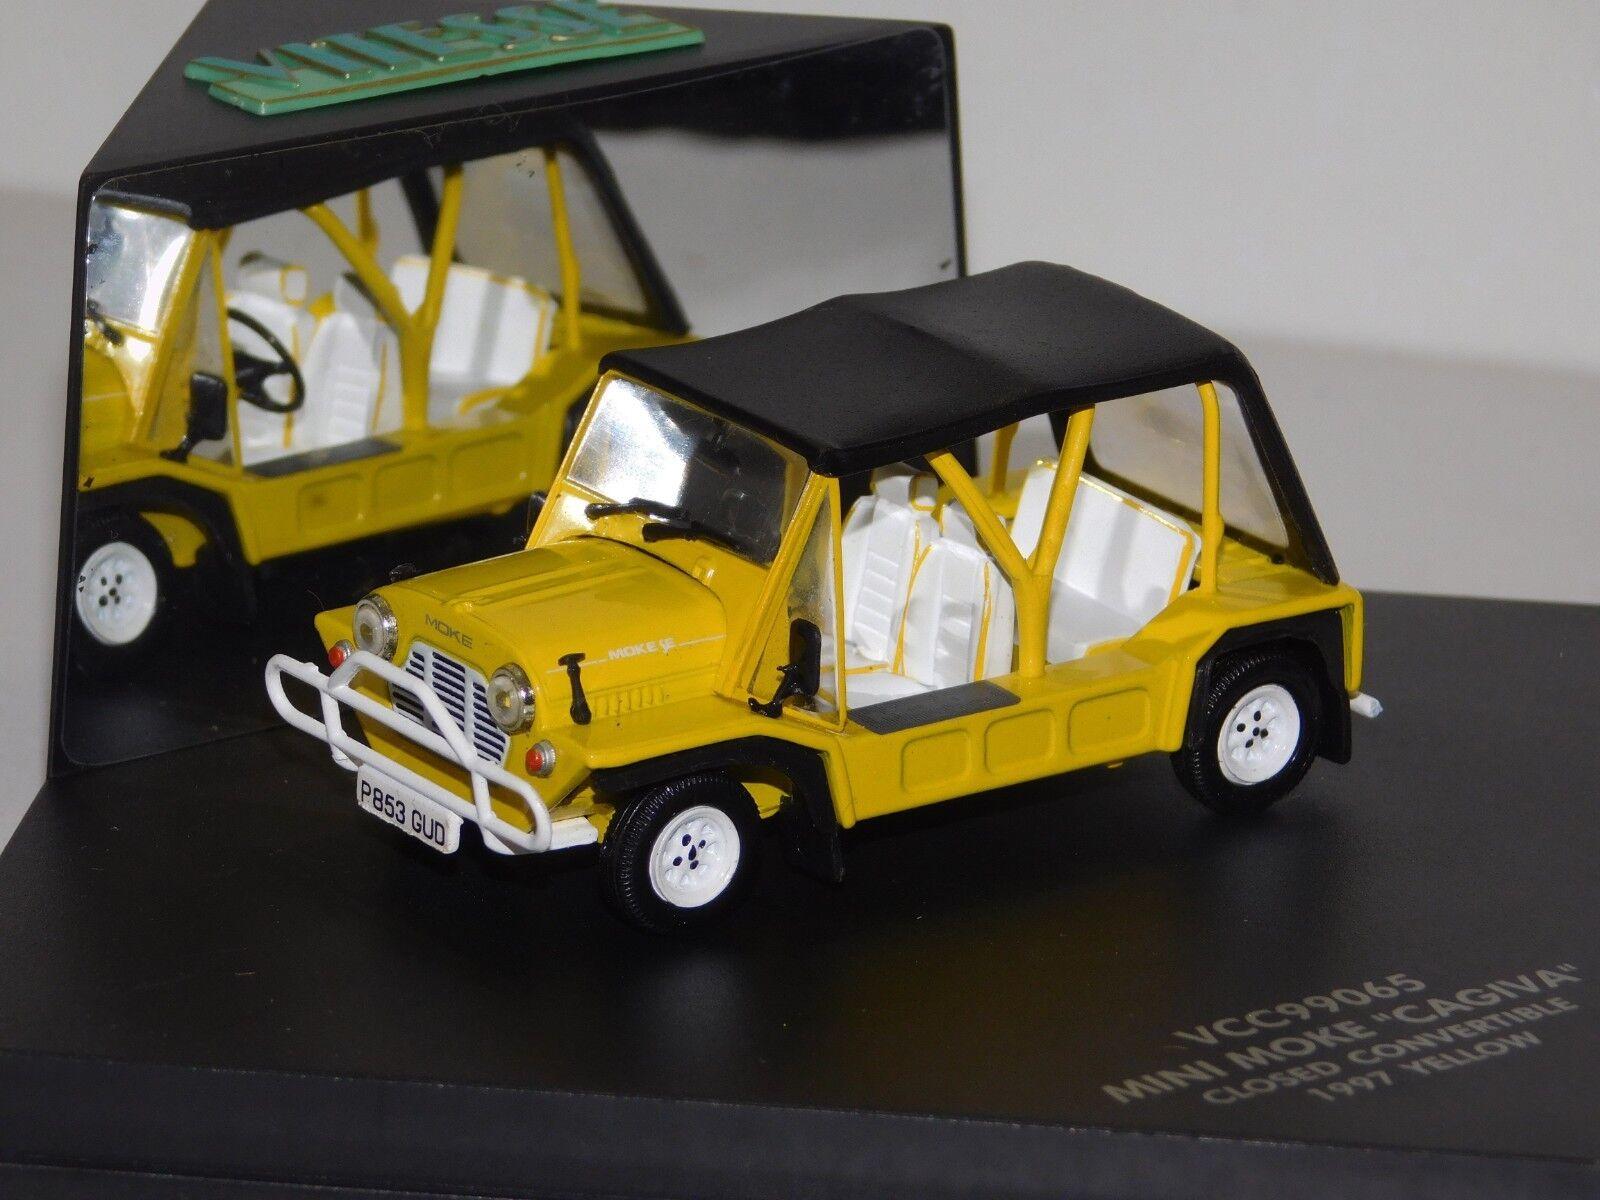 disfruta ahorrando 30-50% de descuento Mini Mini Mini Moke CAGIVA Cerrado Converdeible Amarillo 1997 controlador Vitesse VCC99065 1 43  Las ventas en línea ahorran un 70%.